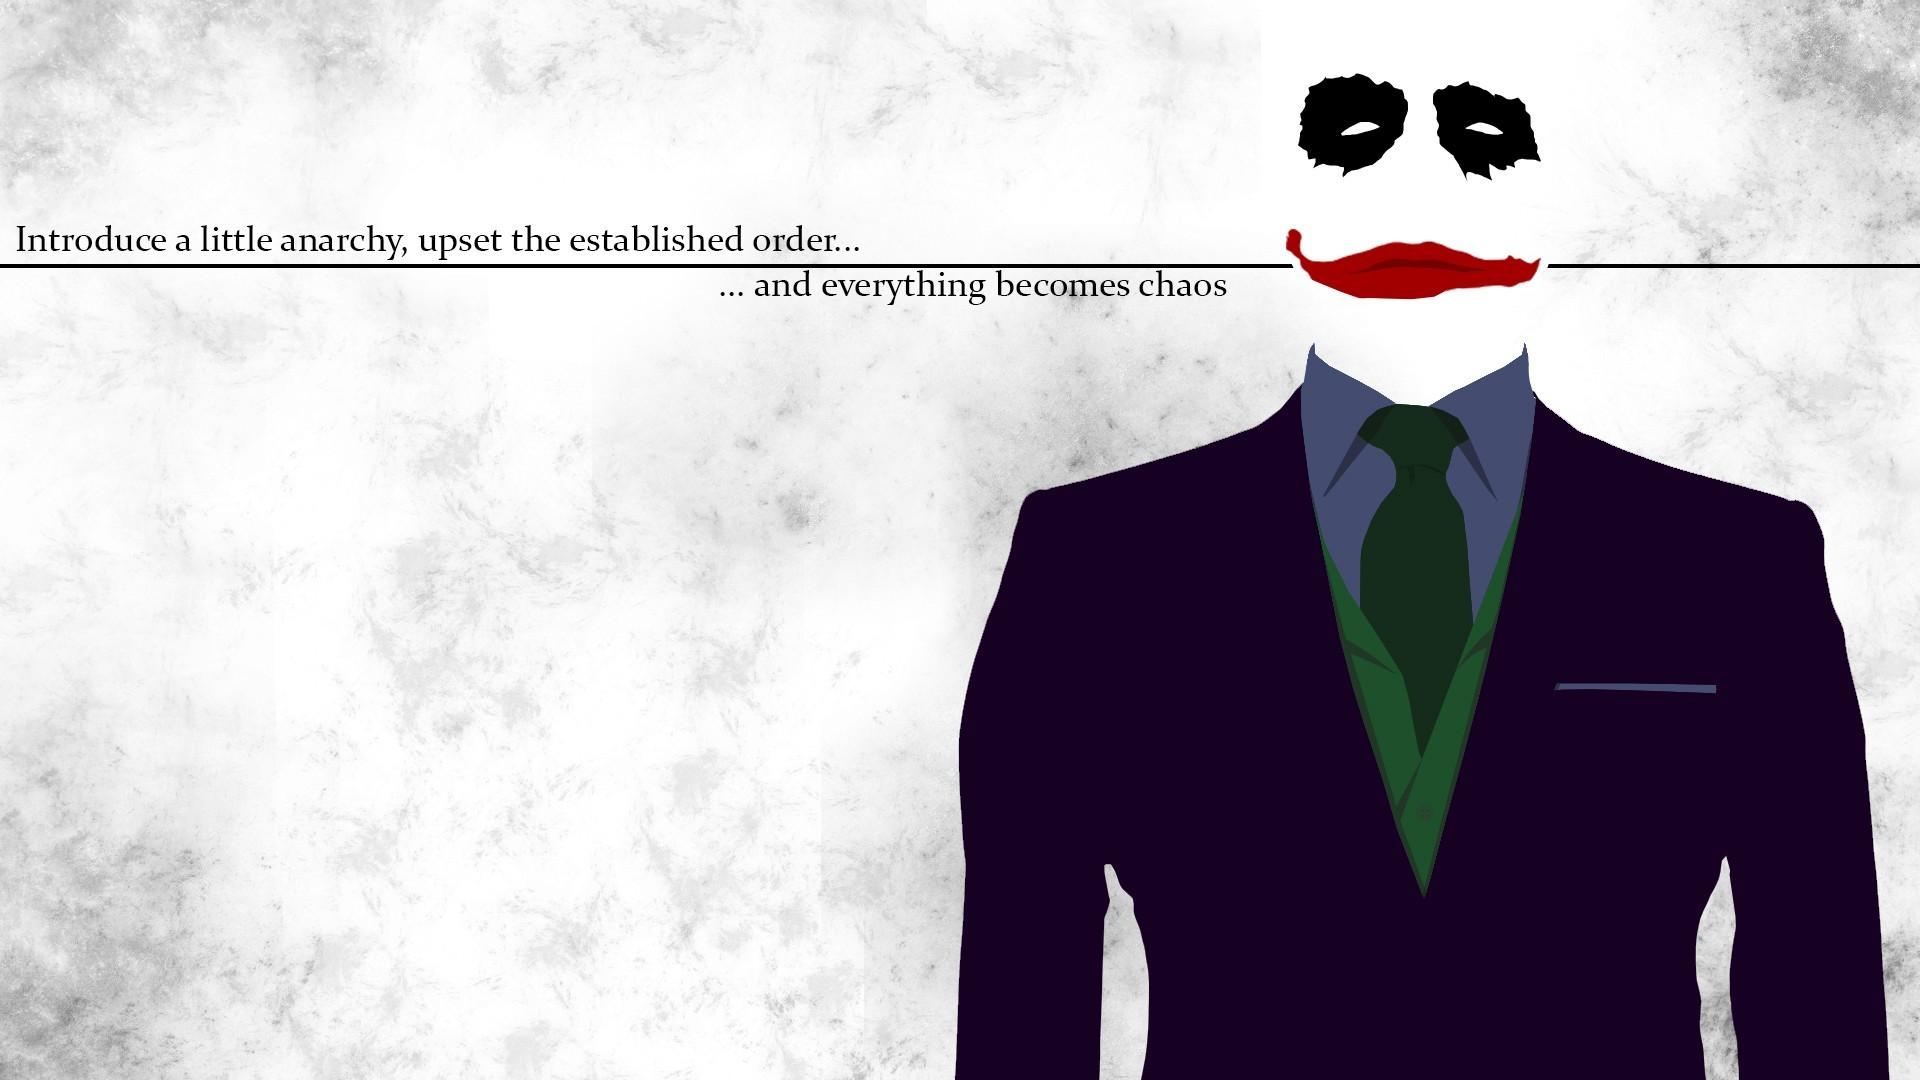 Wallpaper Illustration Artwork Dark Knight Trilogy The